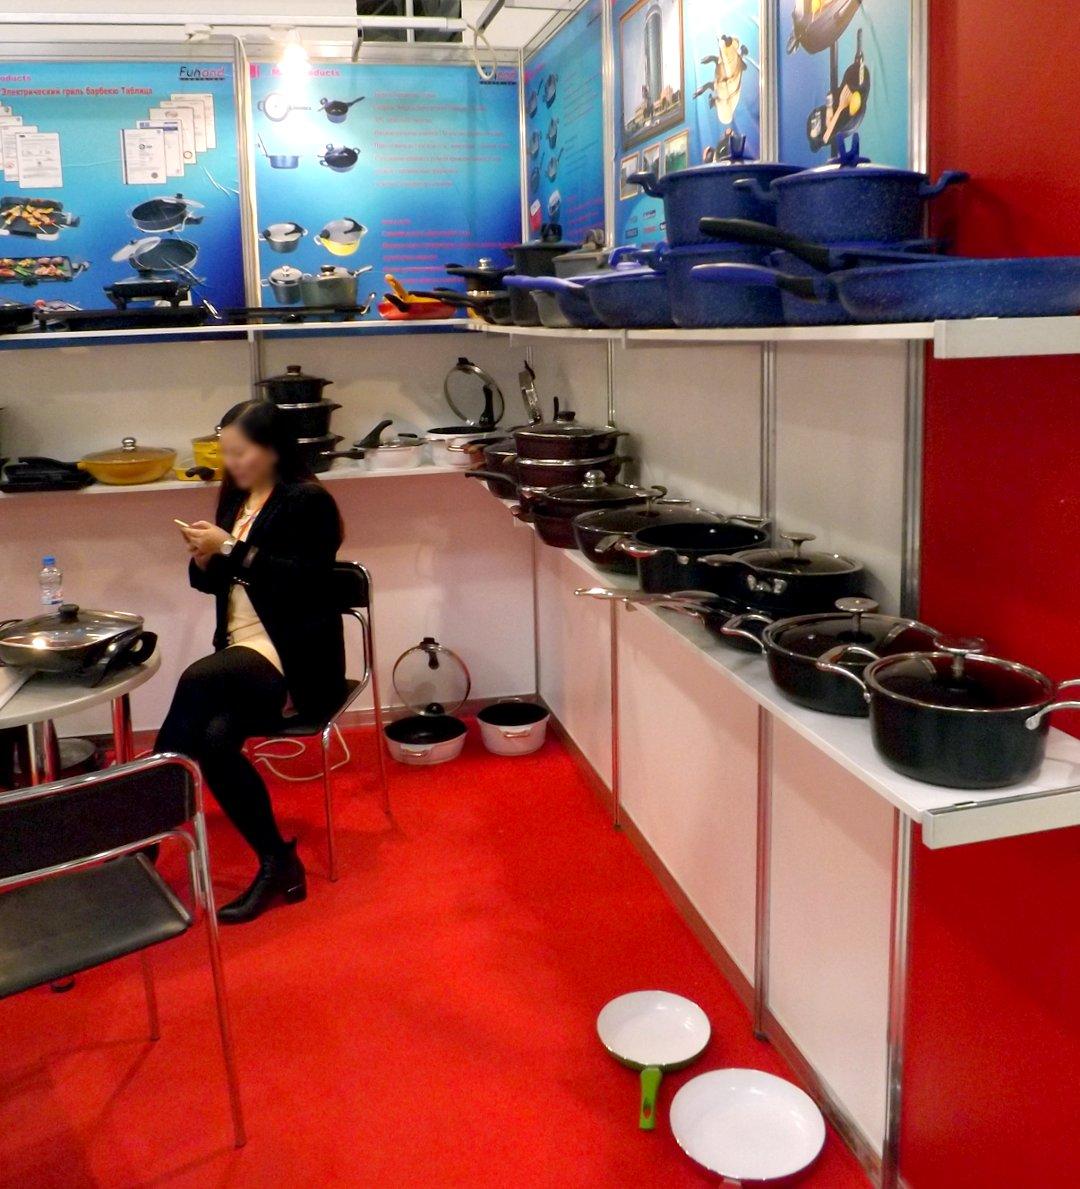 Одна из экспозиций китайских участников выставки HouseHoldExpo в марте 2016 года